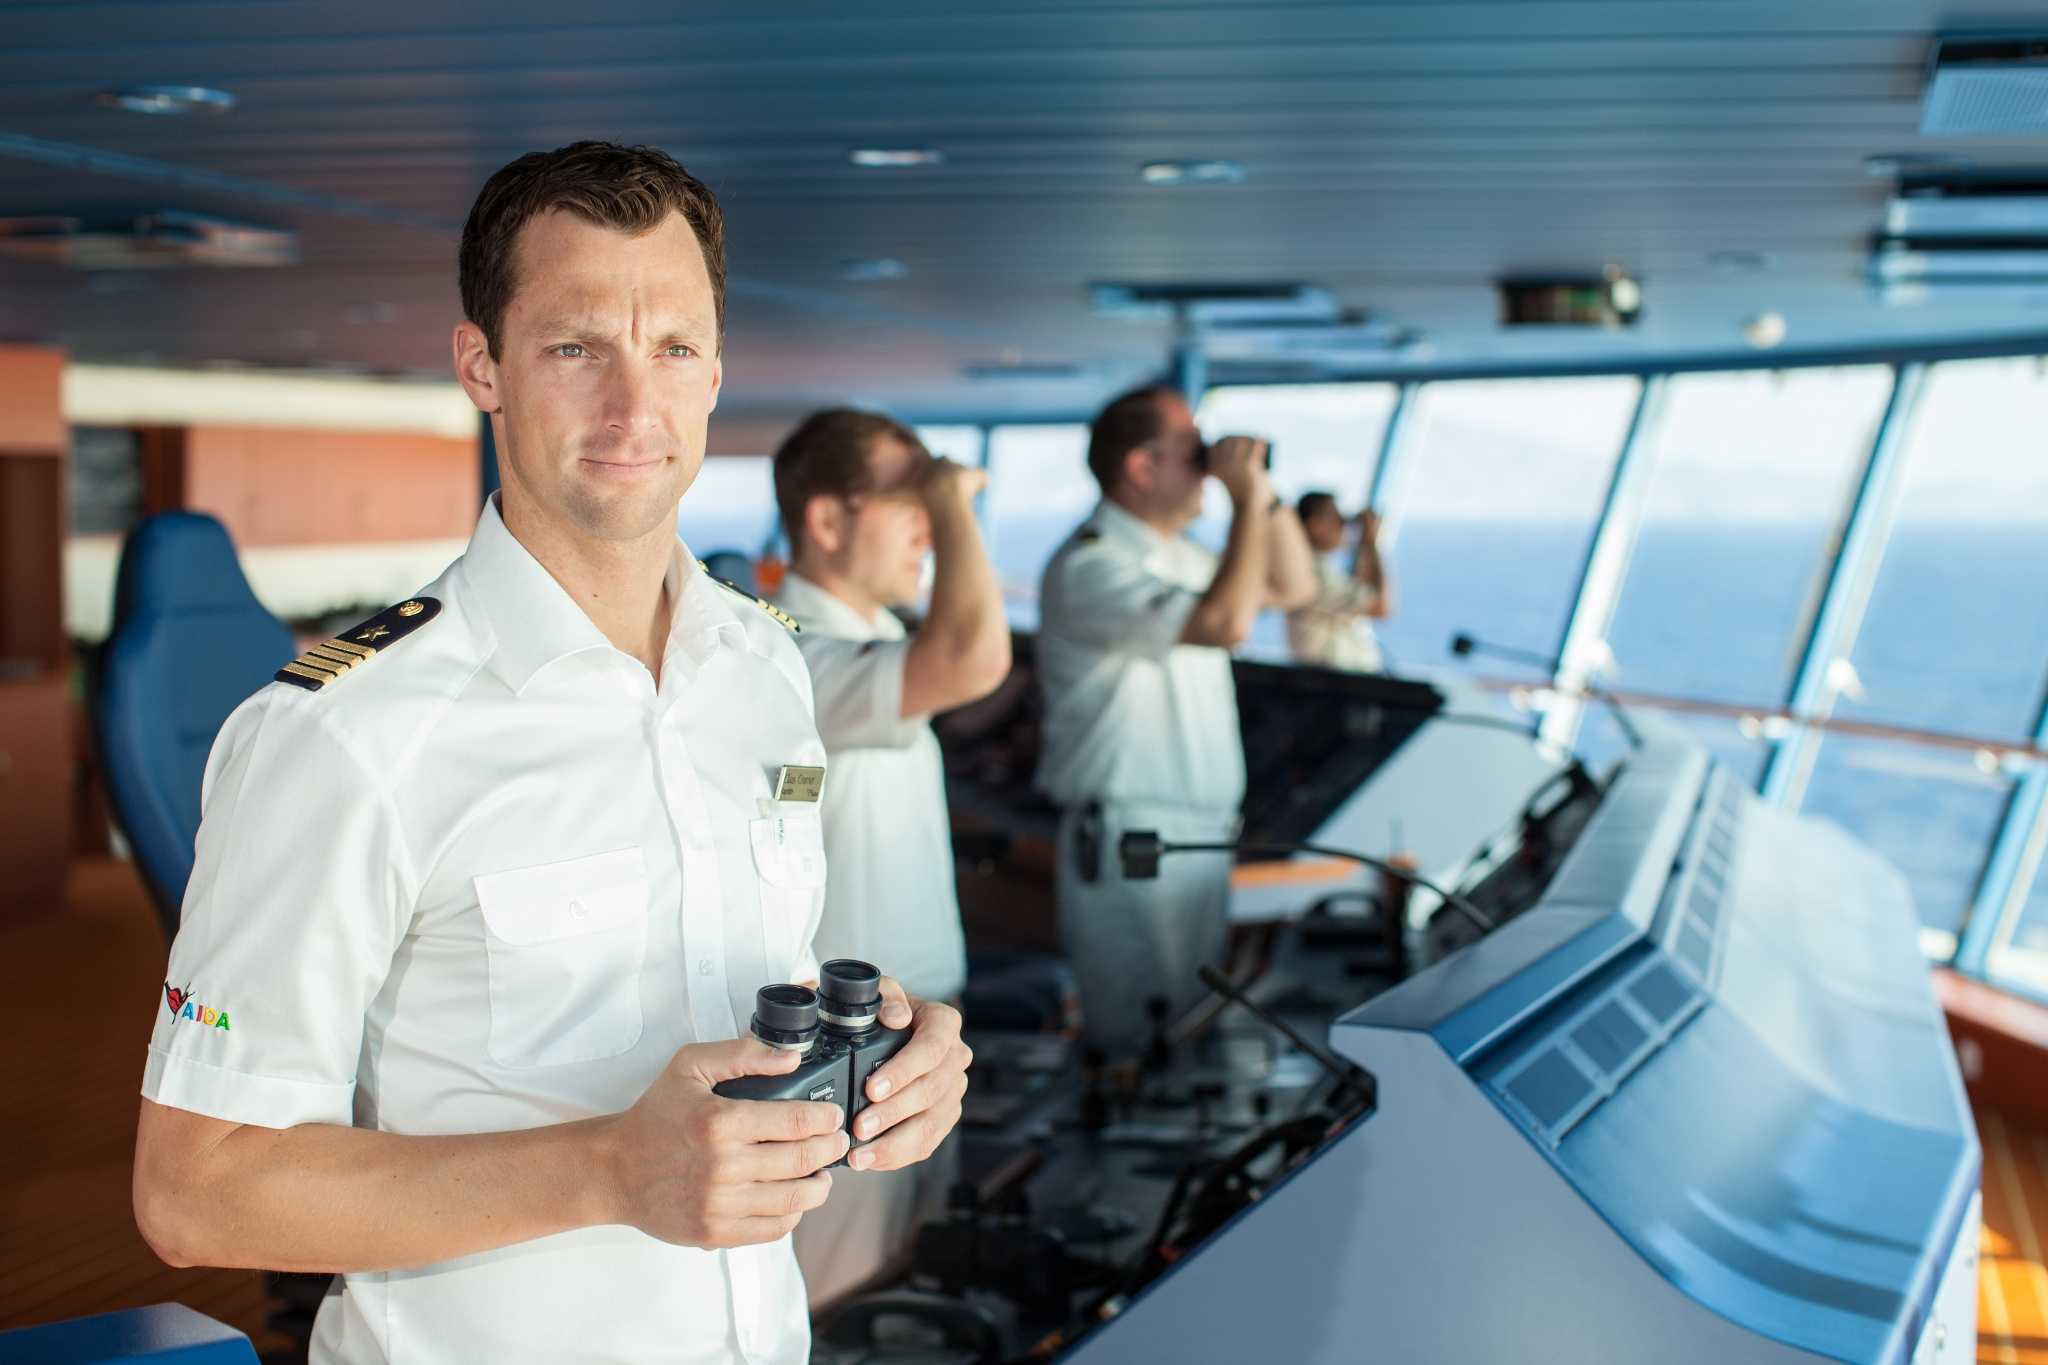 капитан фото картинки пвх конструкции